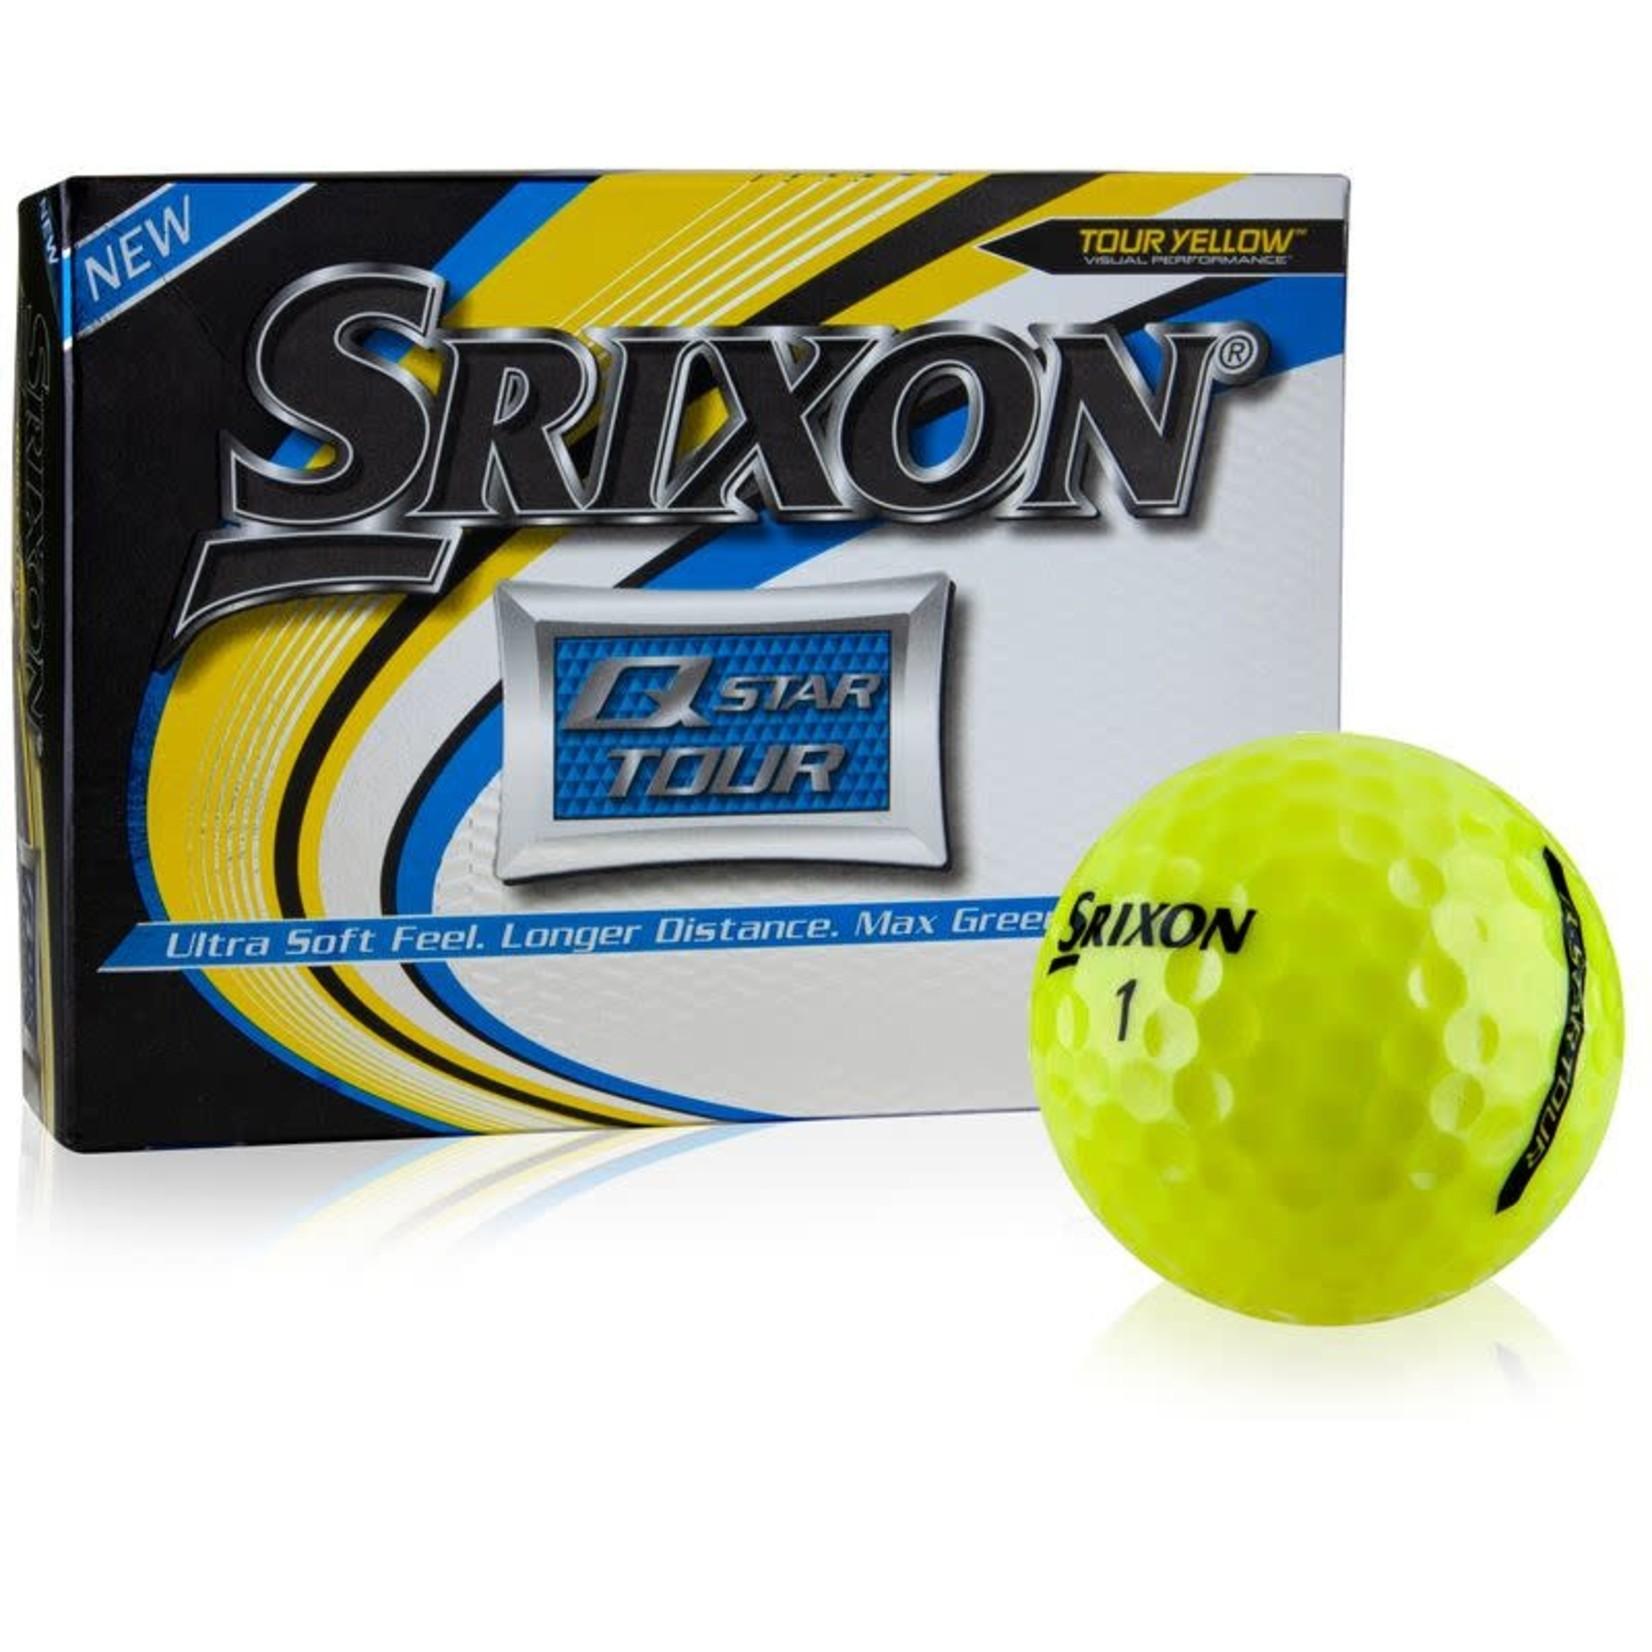 Srixon Srixon Q-star Tour yellow